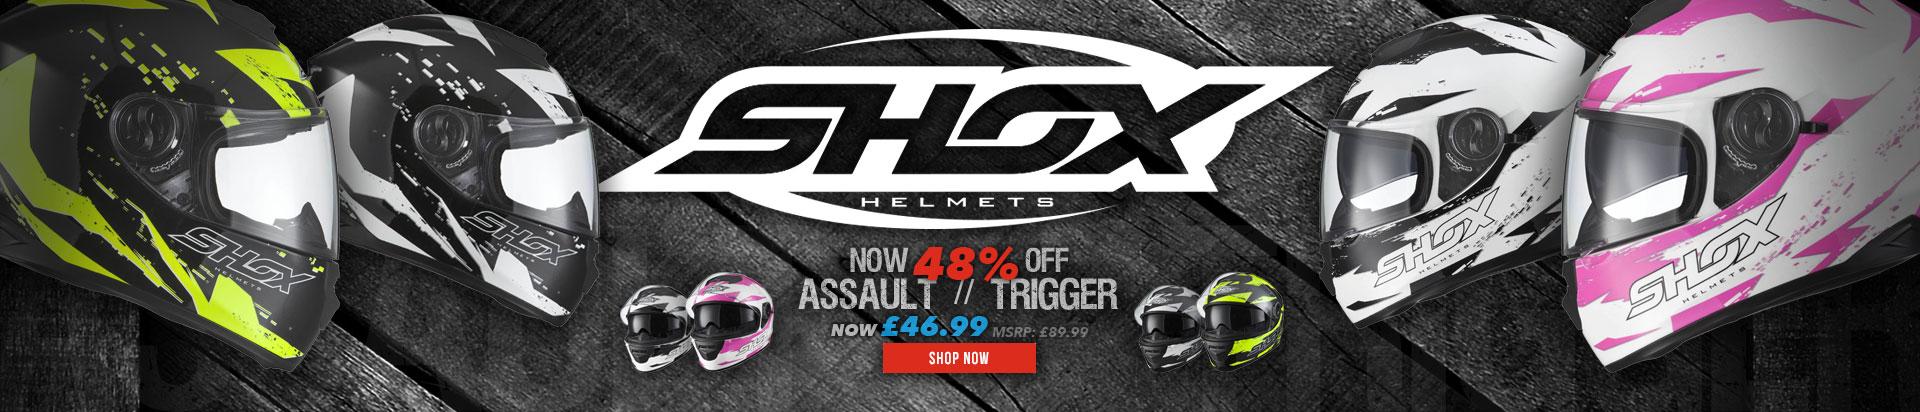 Shox Assault Trigger